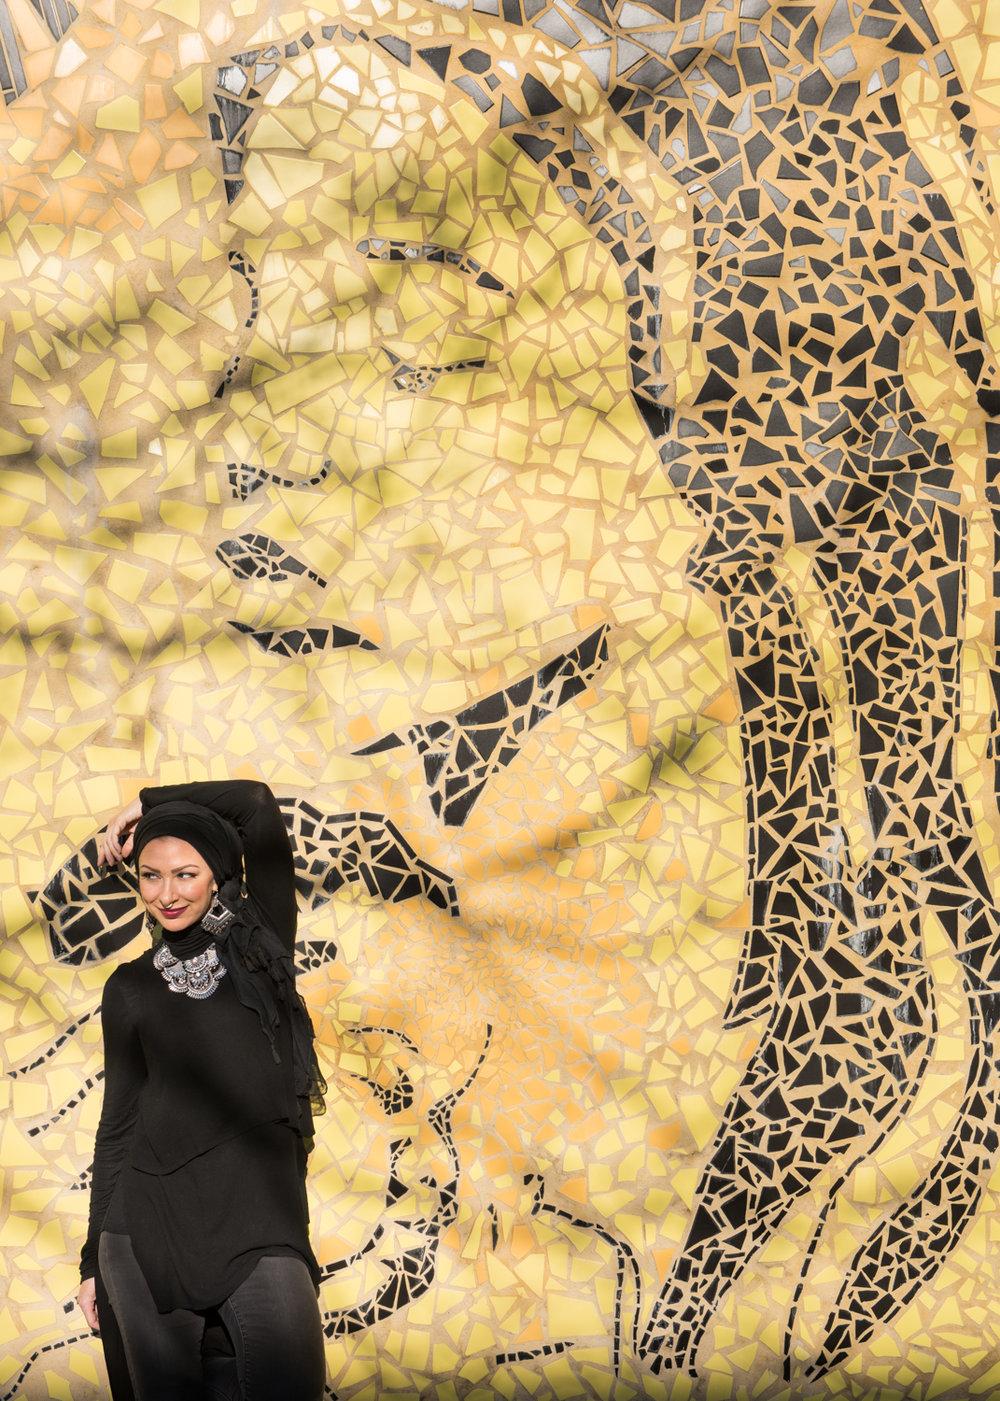 amirah-sackett-muslim-peace-mural